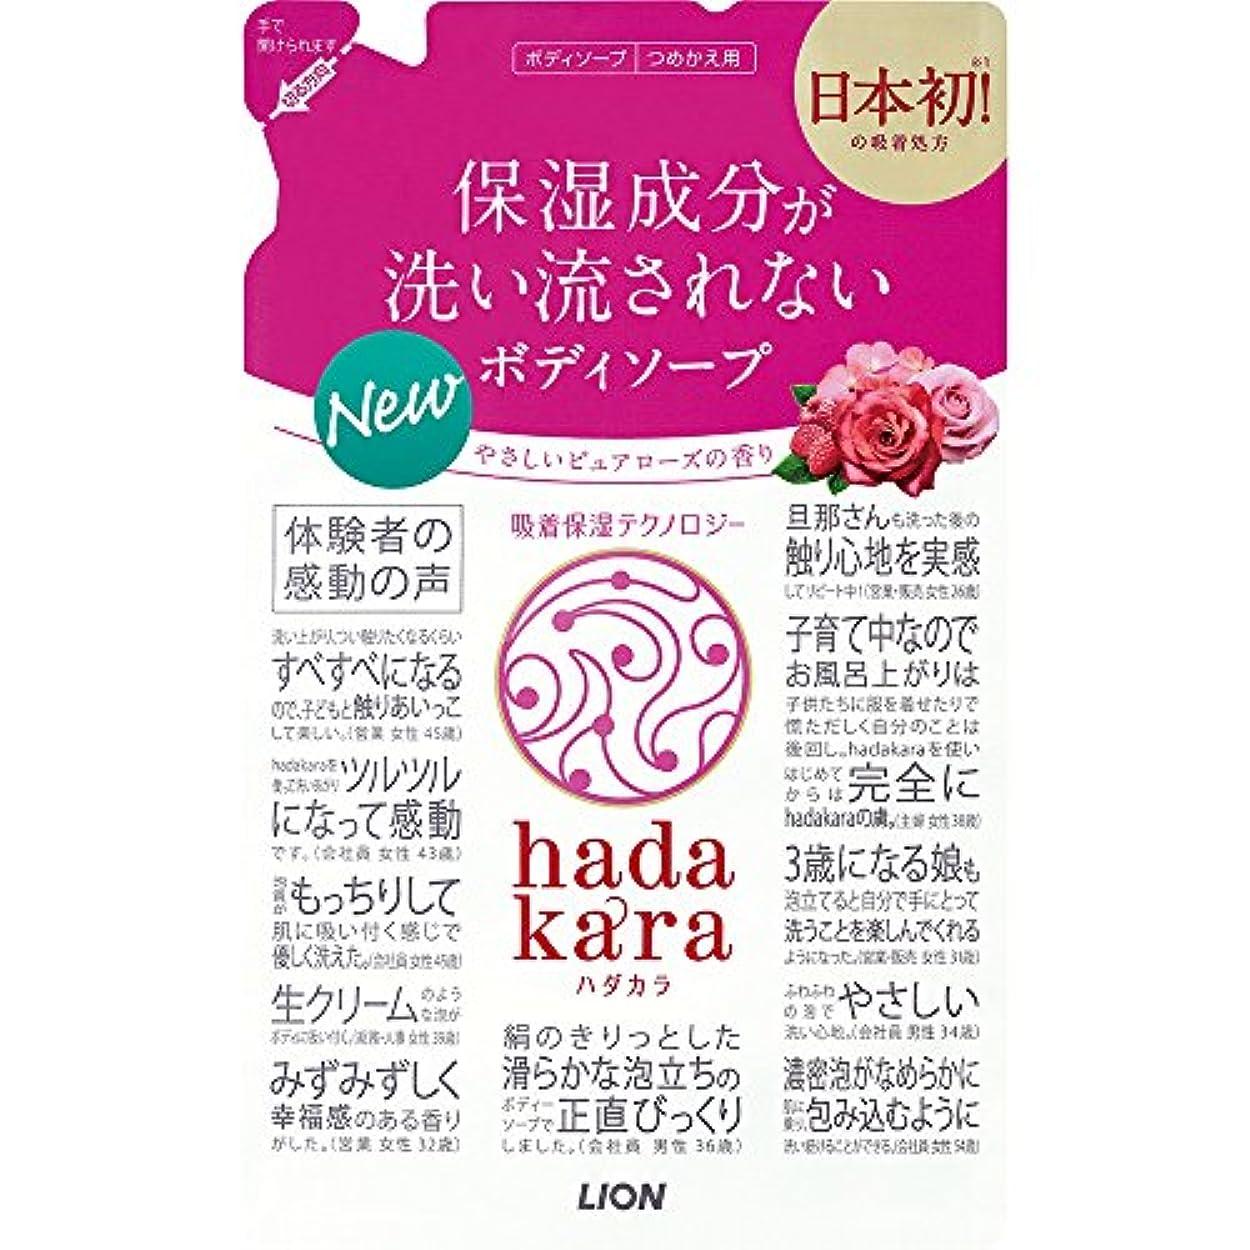 トピック練るウッズhadakara(ハダカラ) ボディソープ ピュアローズの香り 詰め替え 360ml